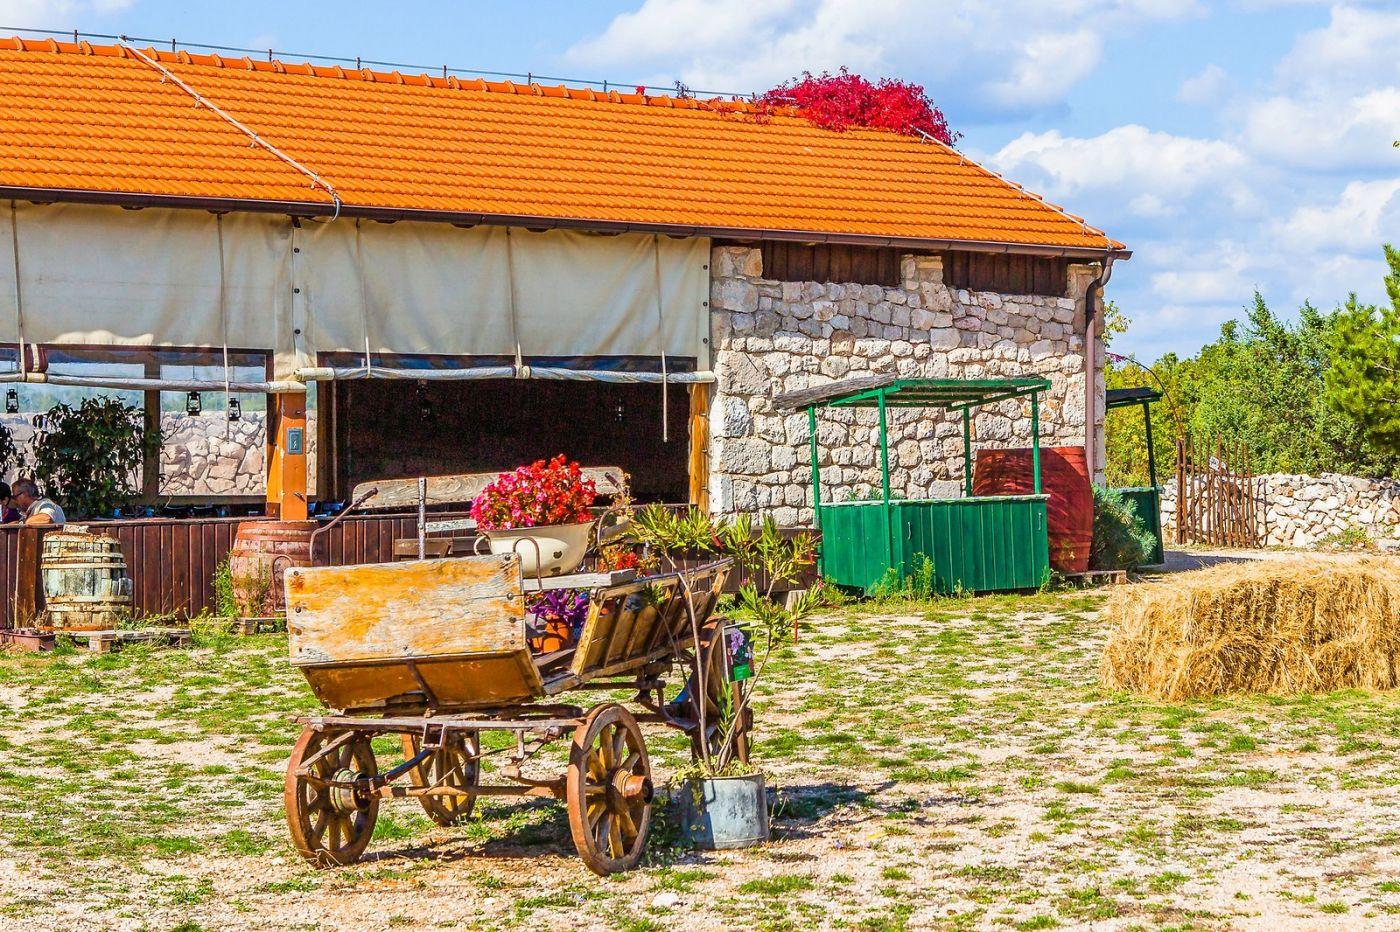 克罗地亚达尔马提亚村,独特的地域风貌_图1-26